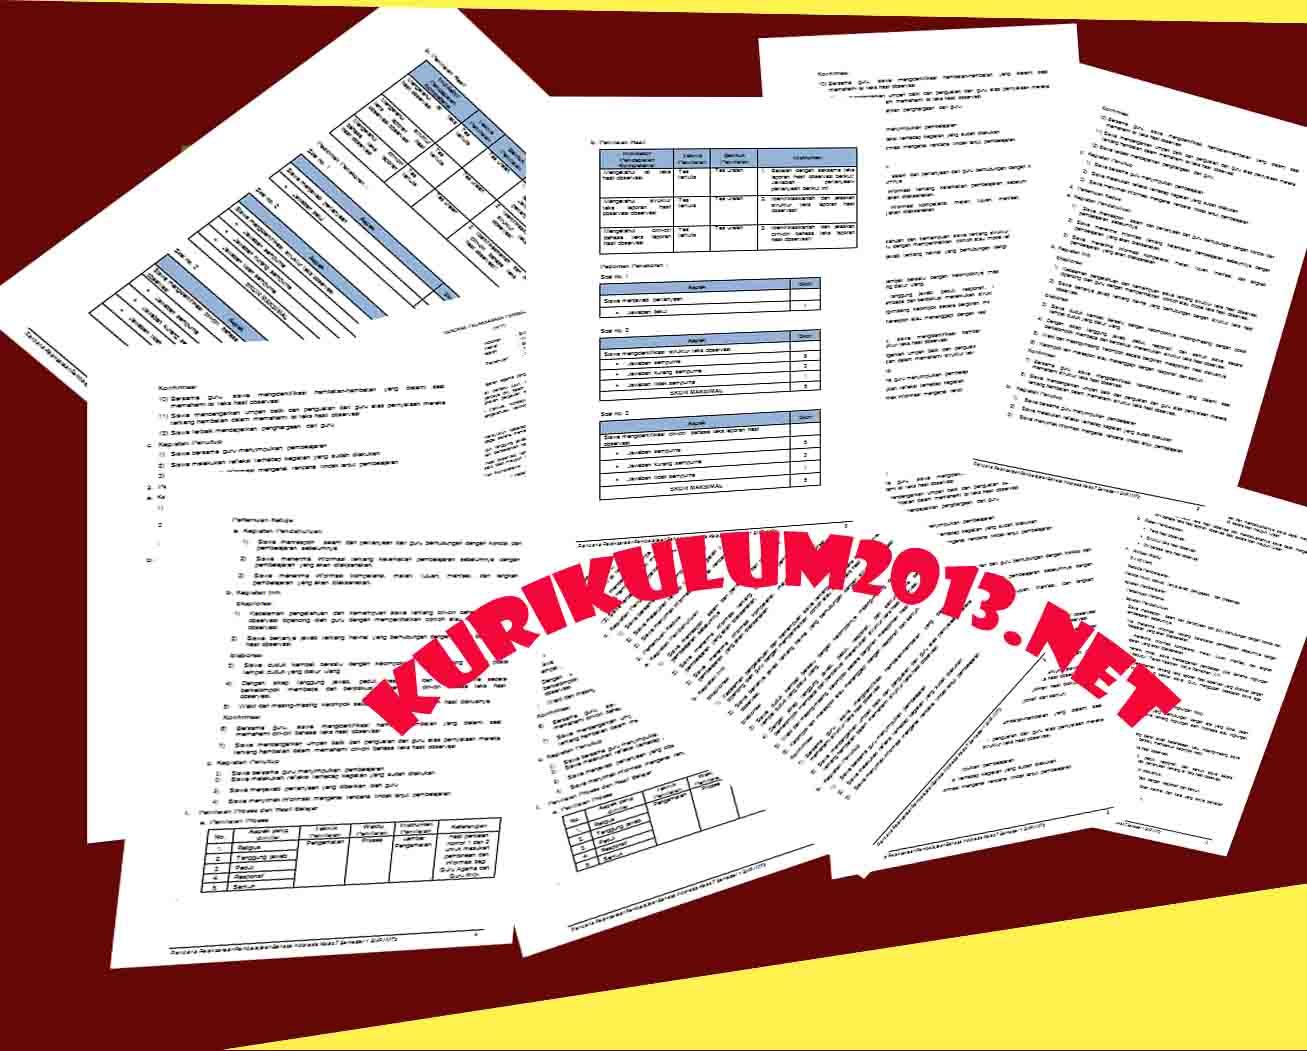 Rpp Sd Kurikulum 2013 Kelas 1 Semua Tema Seluruh Sub Tema Baru Dan Lengkap Kurikulum 2013 Revisi